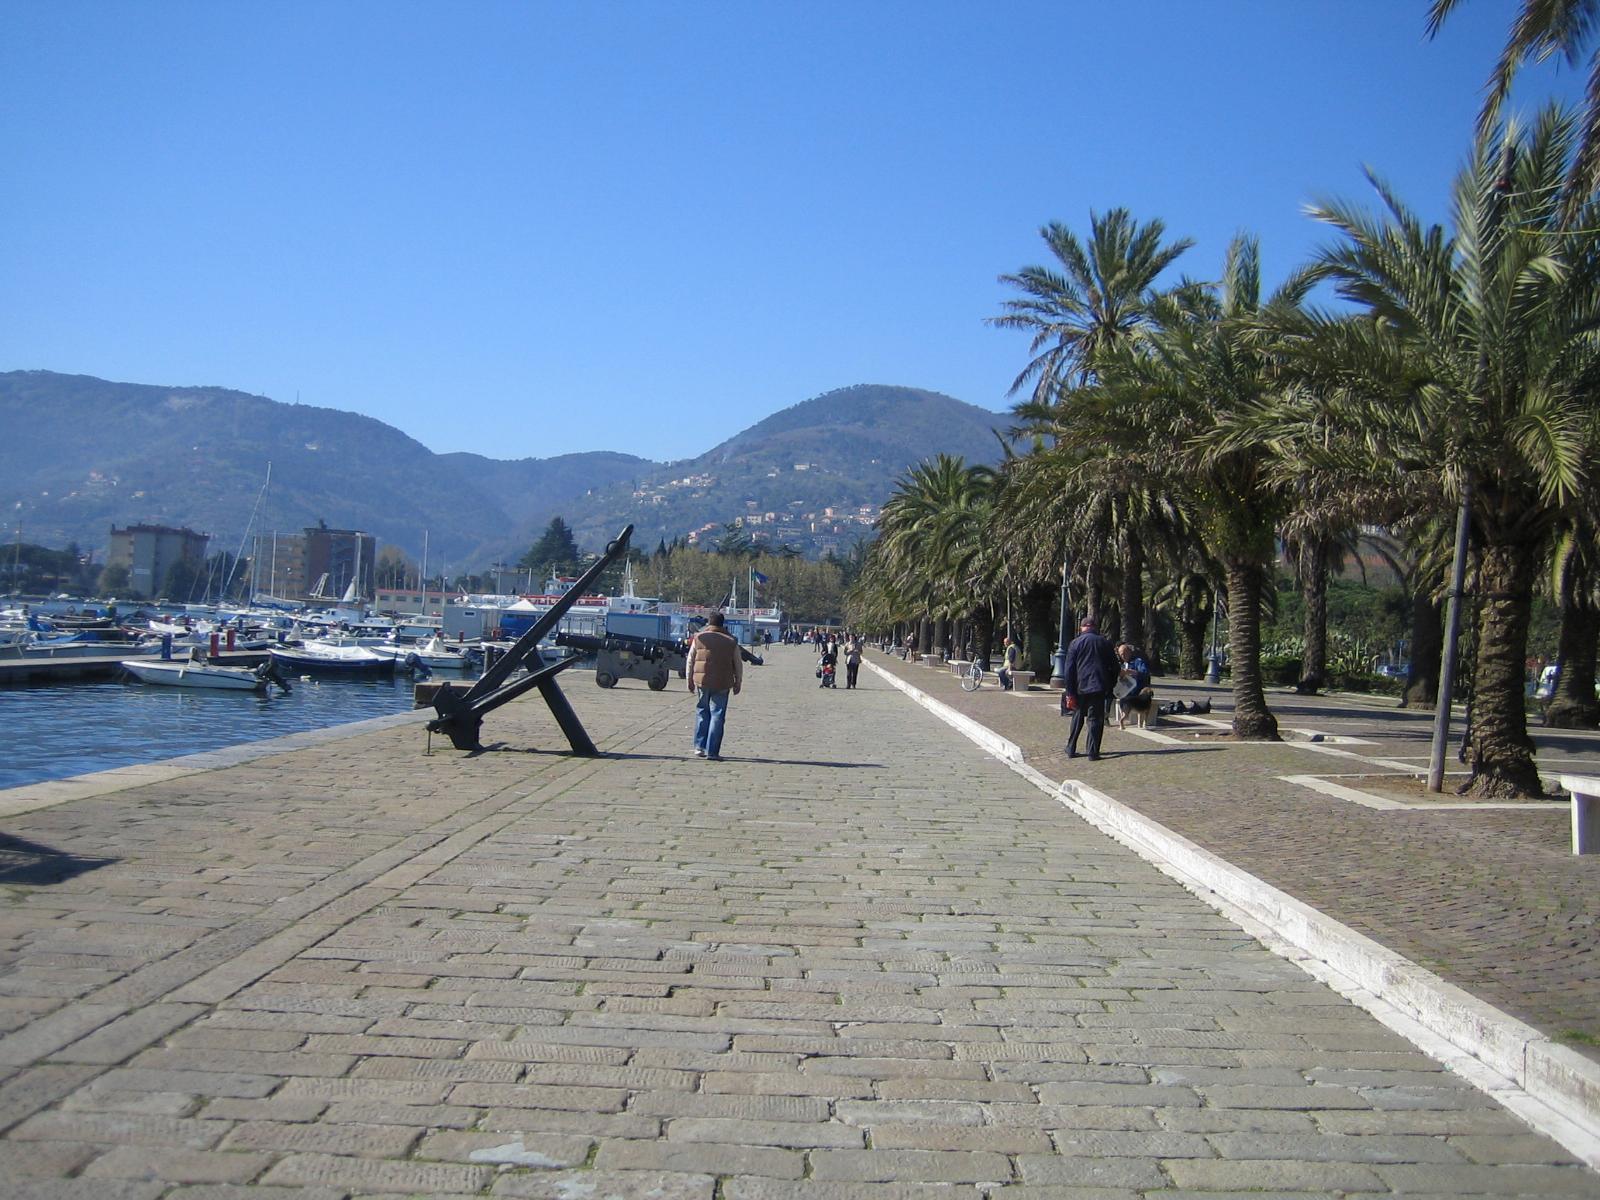 Cinque terre la spezia r server un h tel quoi voir m t o - Brunico italie office du tourisme ...